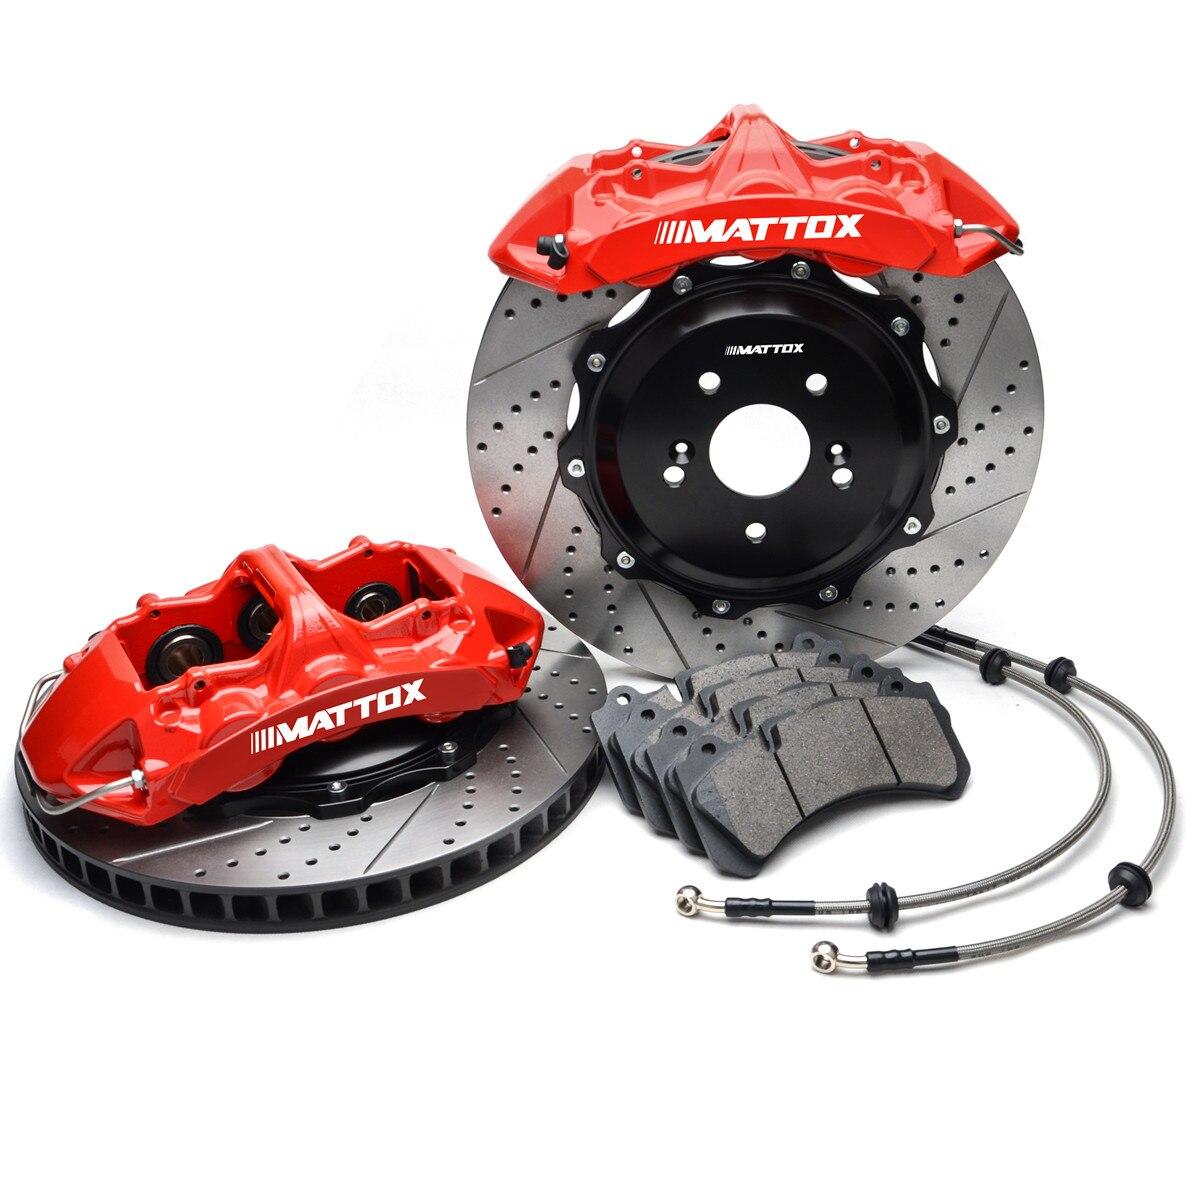 Pinza de freno de disco ranurado Mattox para Rotores de freno de carreras de coches 378*32mm para Lexus LS430 2001 2006 frontal 19-22 pulgadas